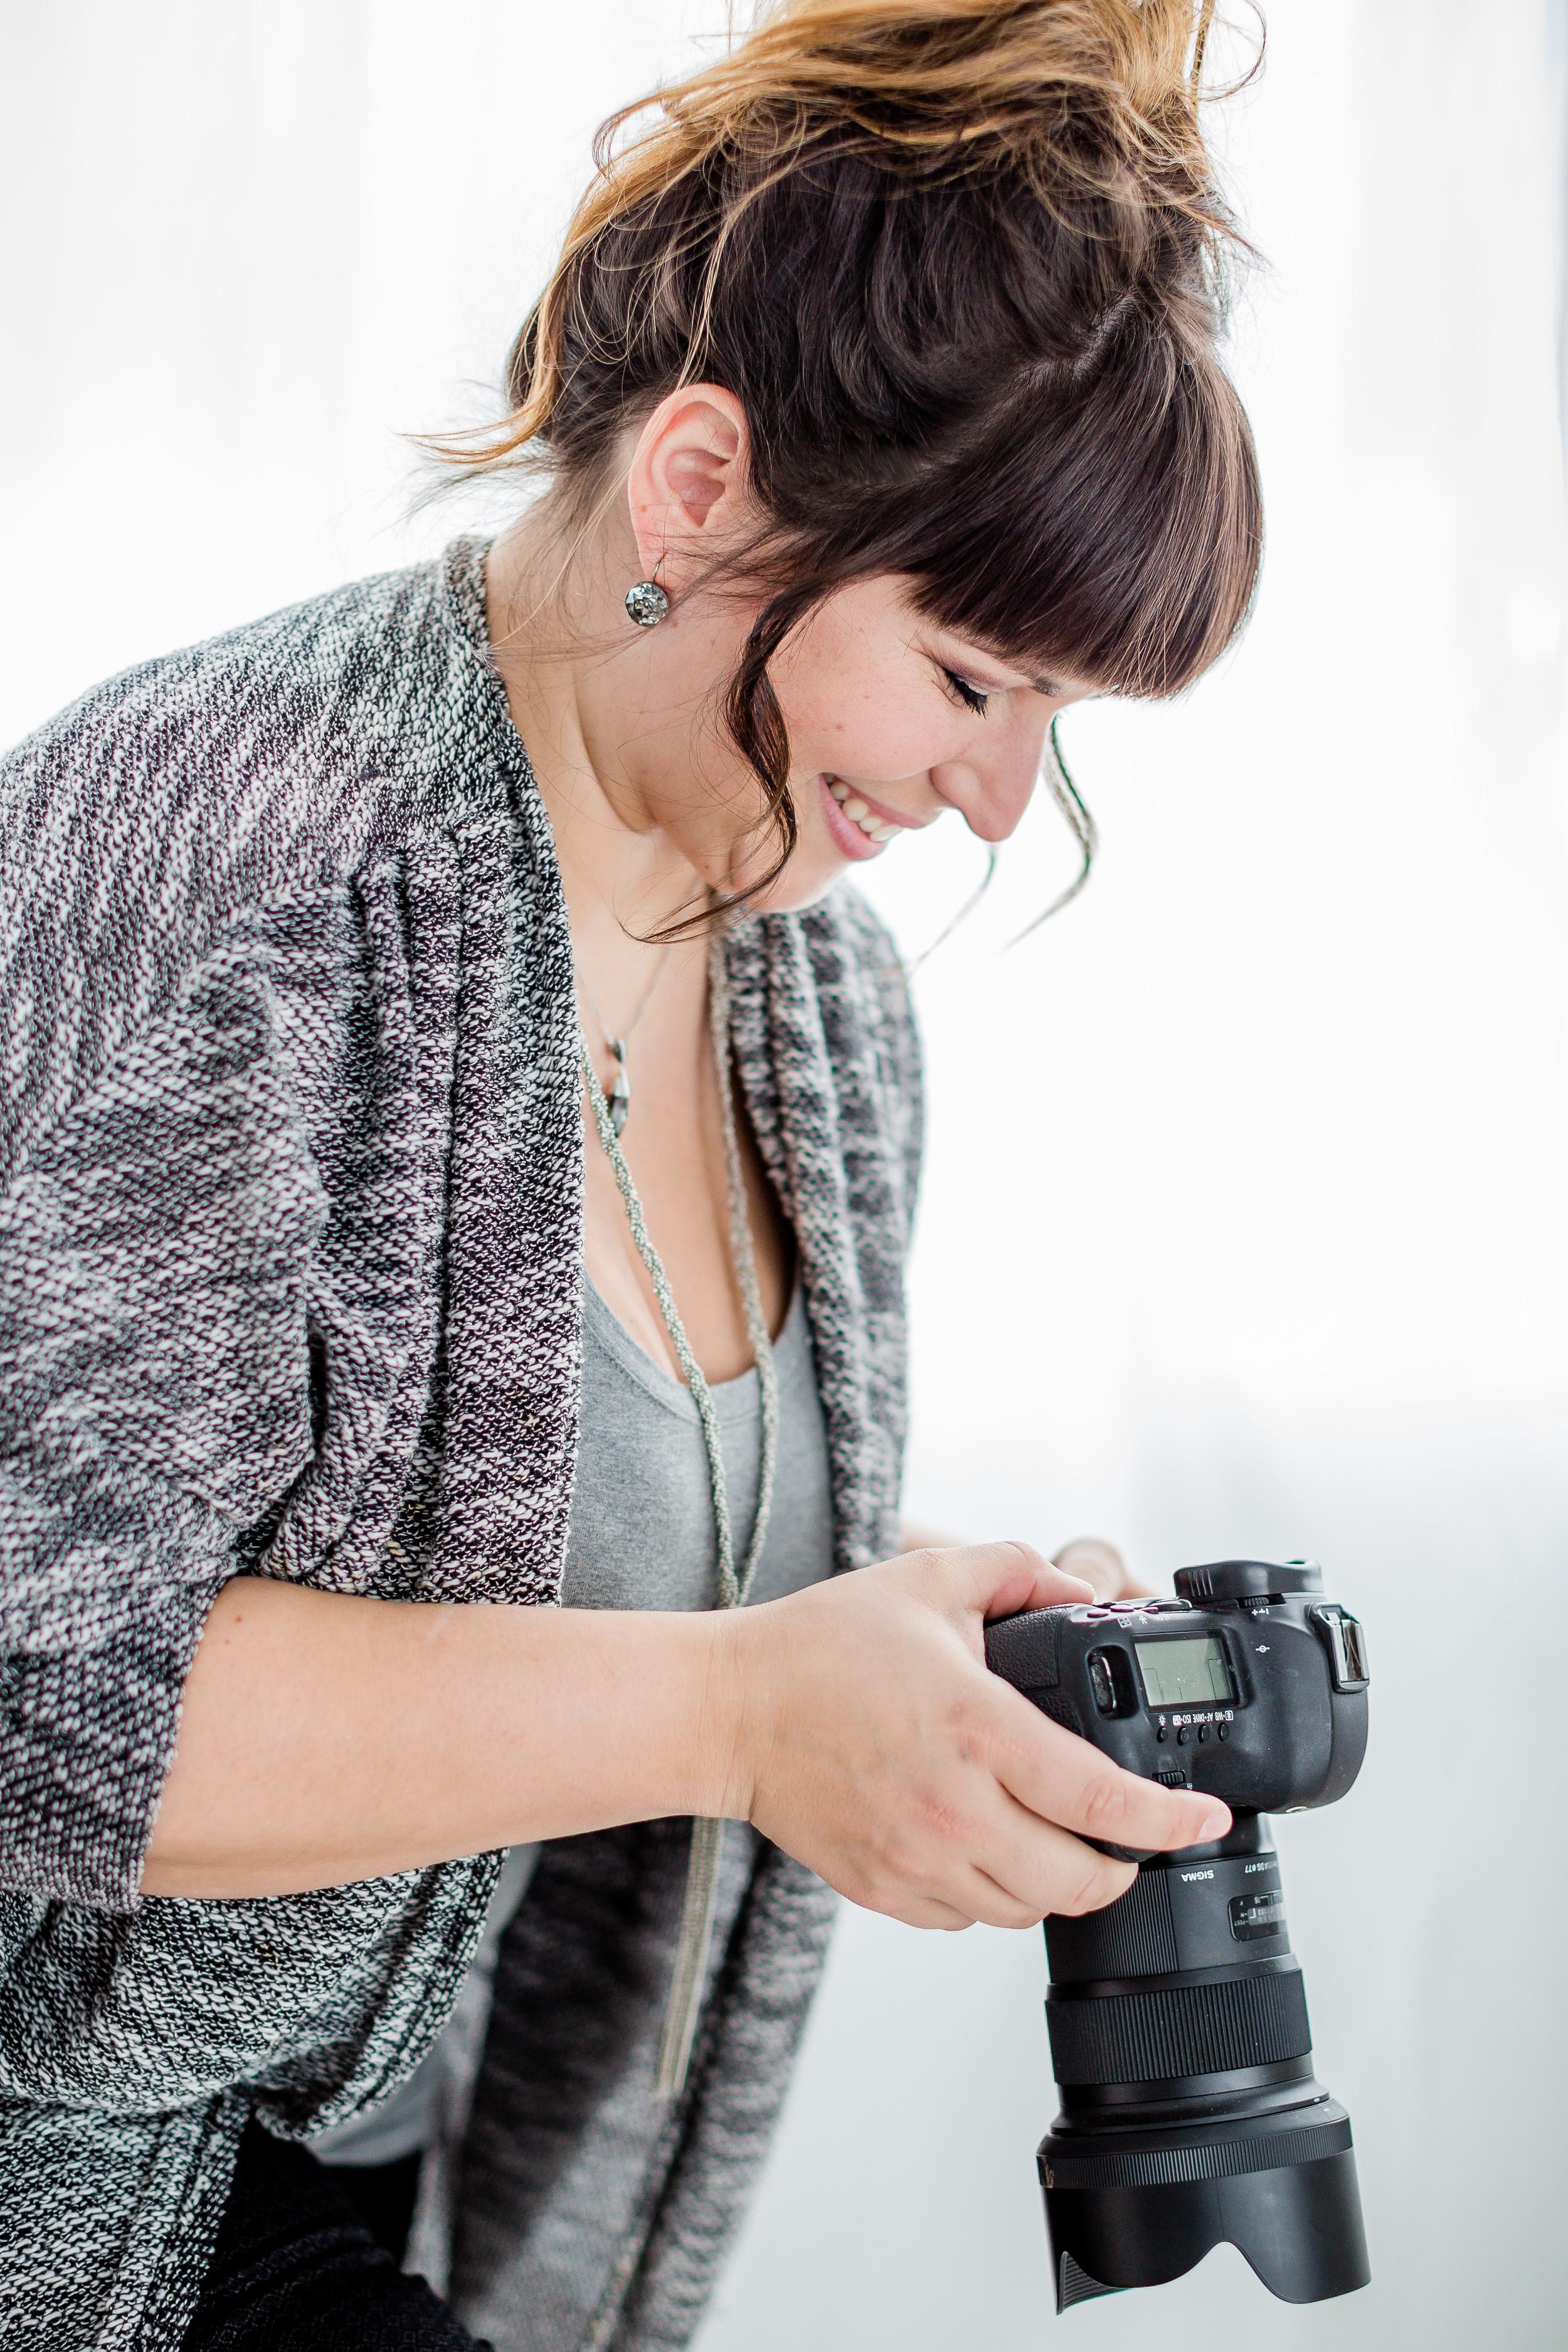 J'adore capturer vos moments précieux et aussi les miens...